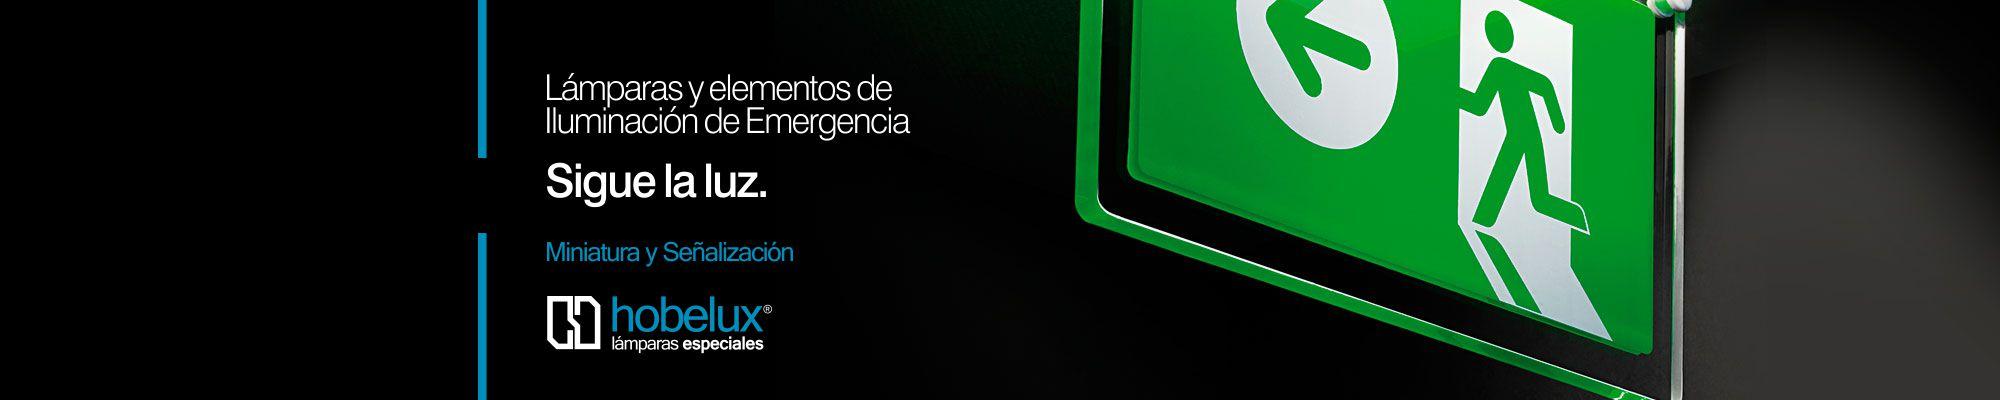 SLD1_iluminacion_emergencia